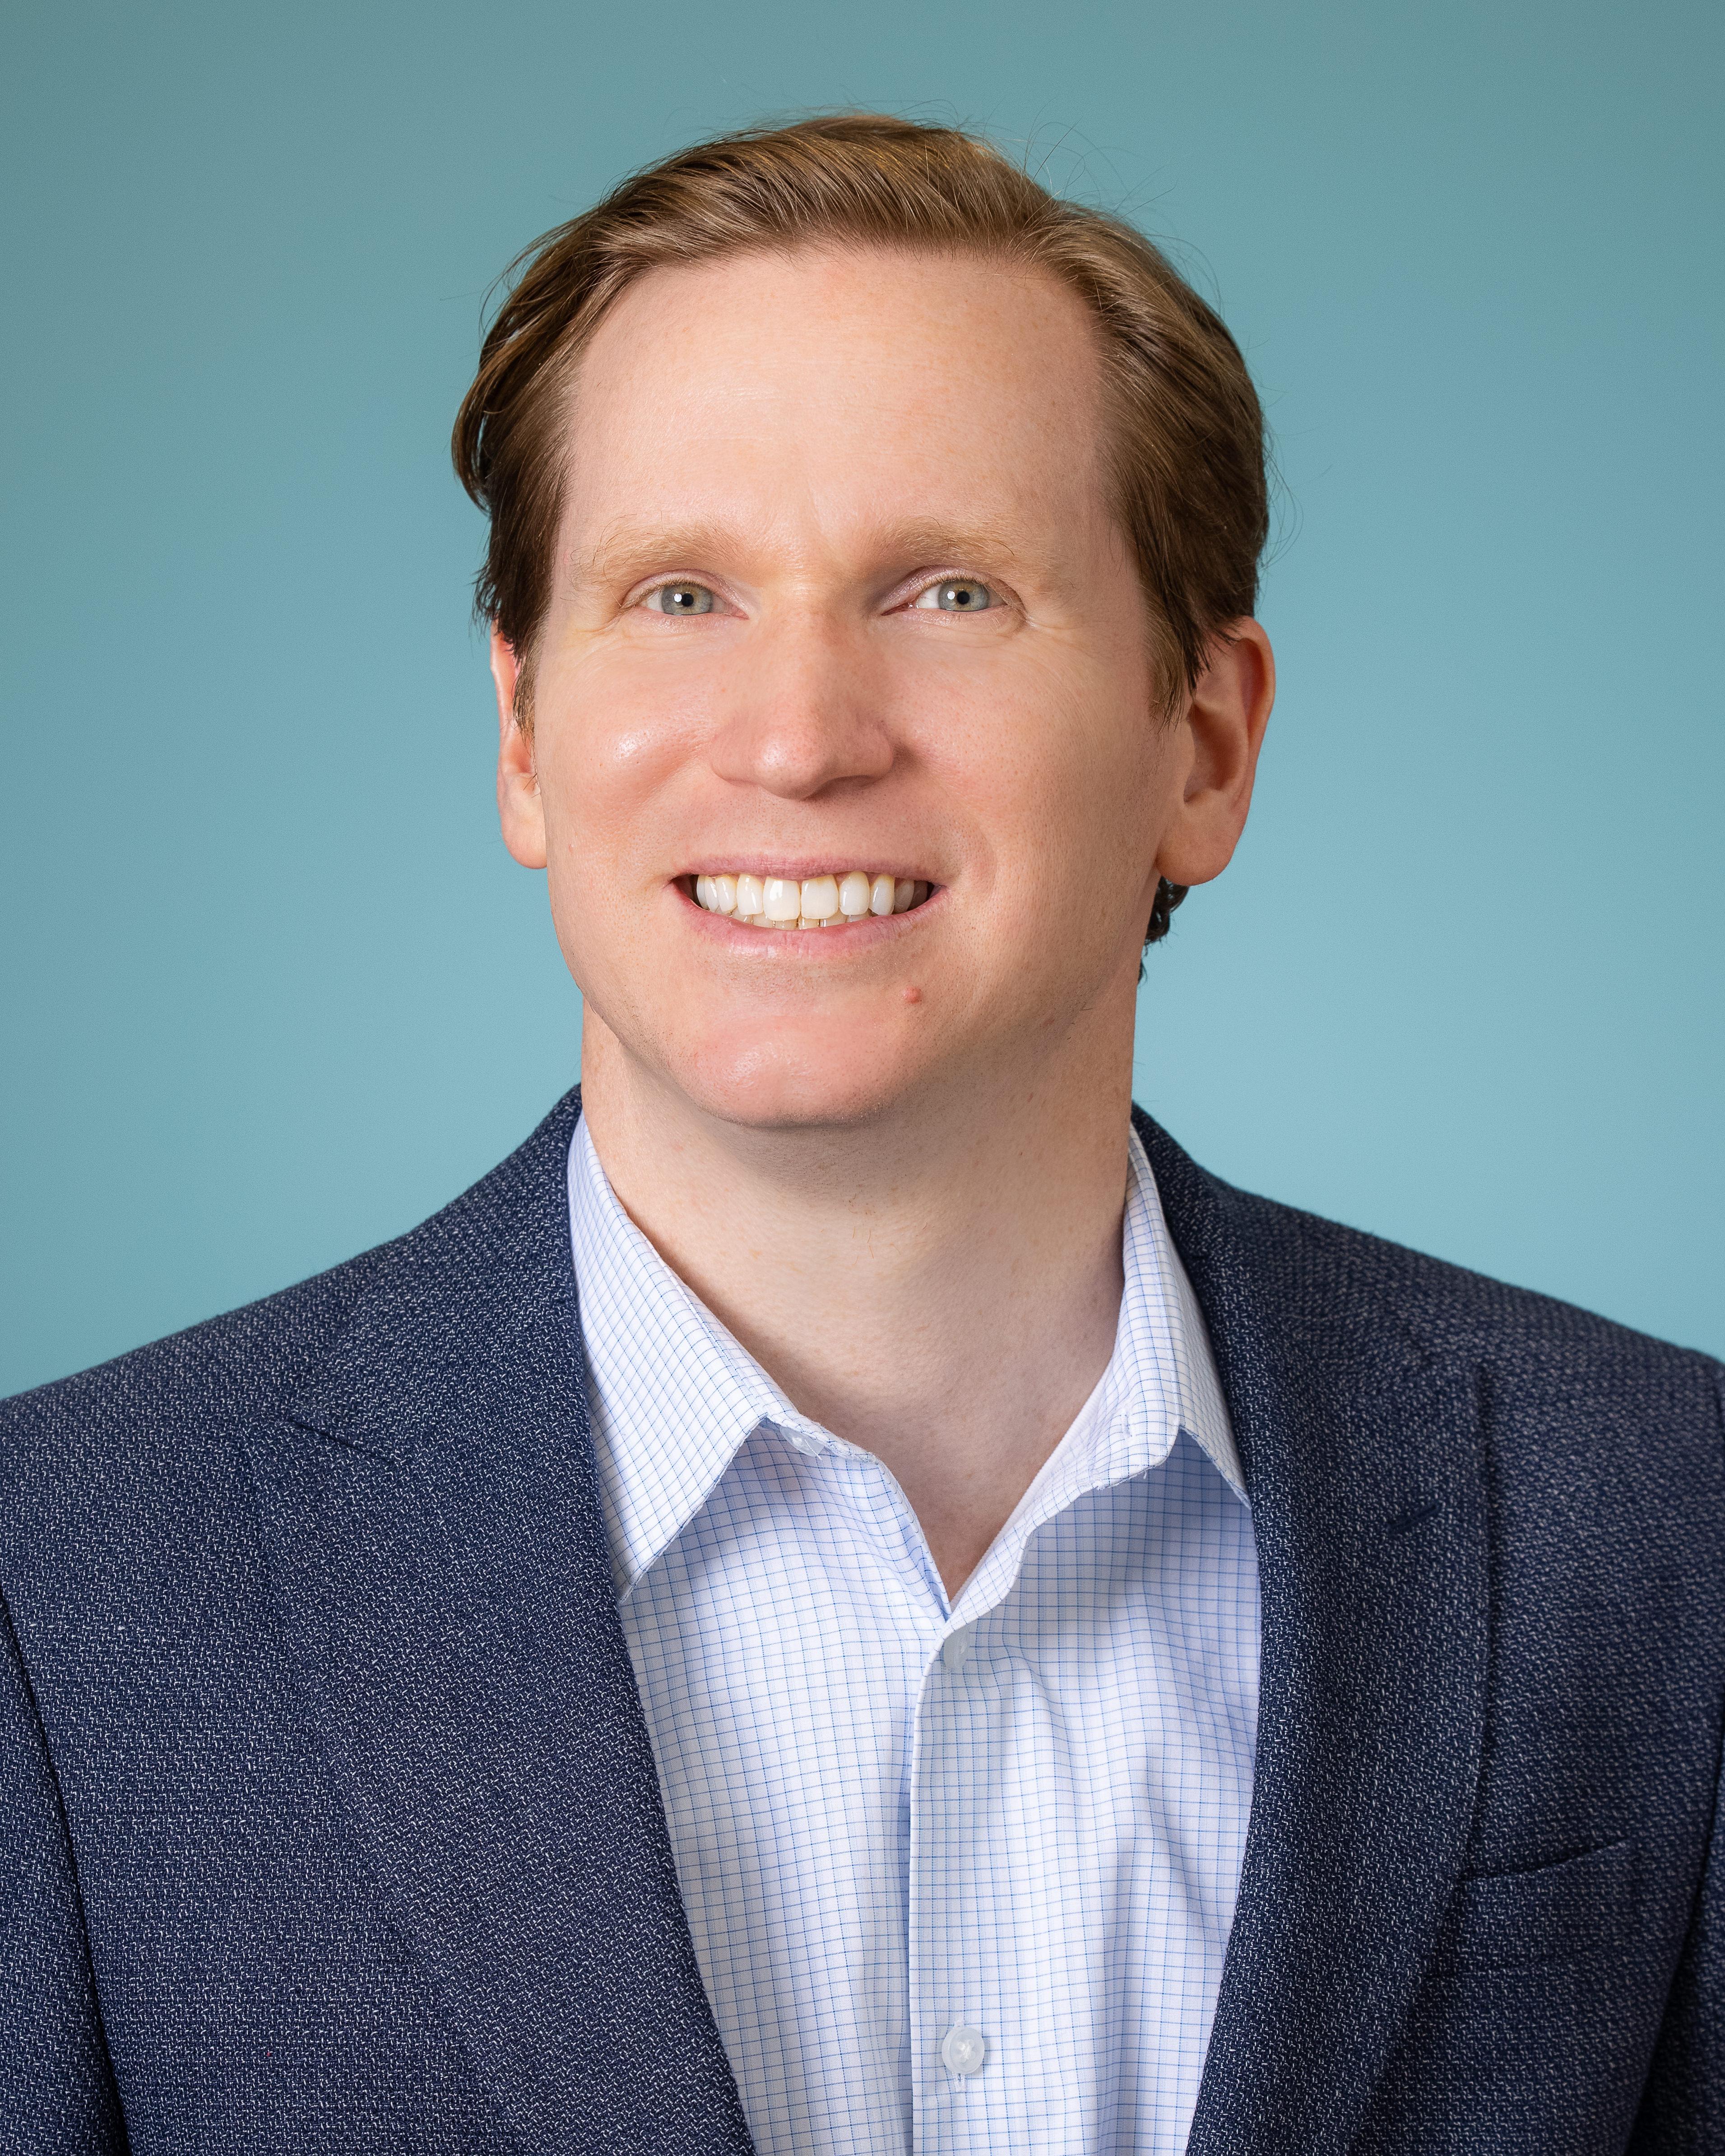 Brian Keane, PhD